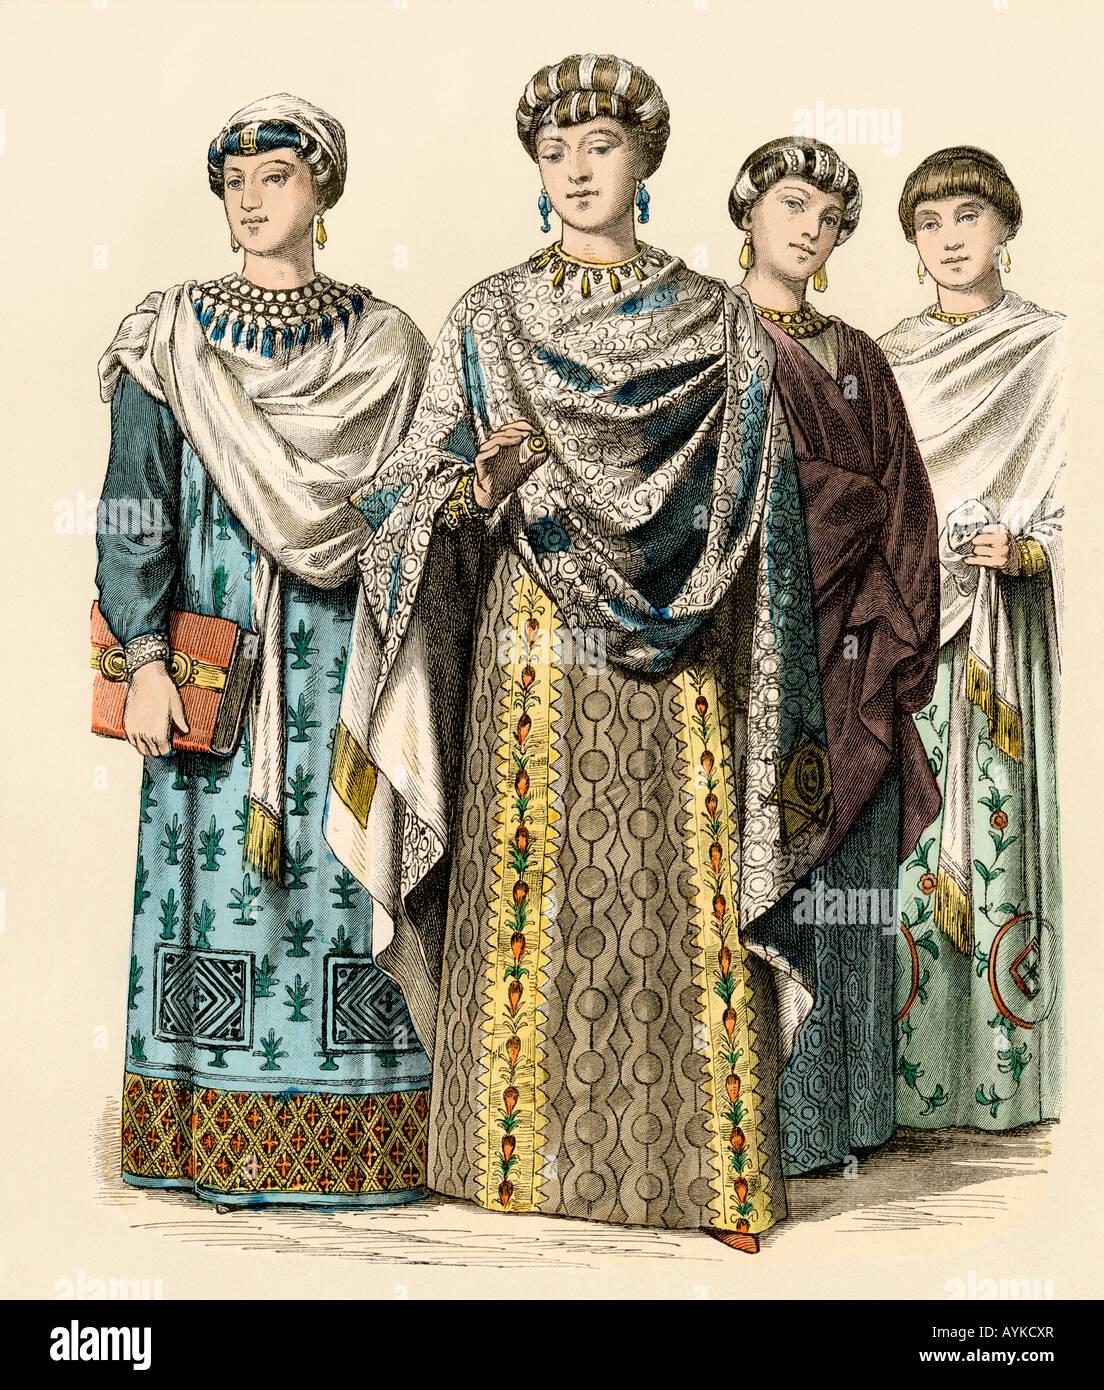 Mesdames en cour de l'impératrice Théodora, l'Empire romain 500 AD. Impression couleur à la main Banque D'Images